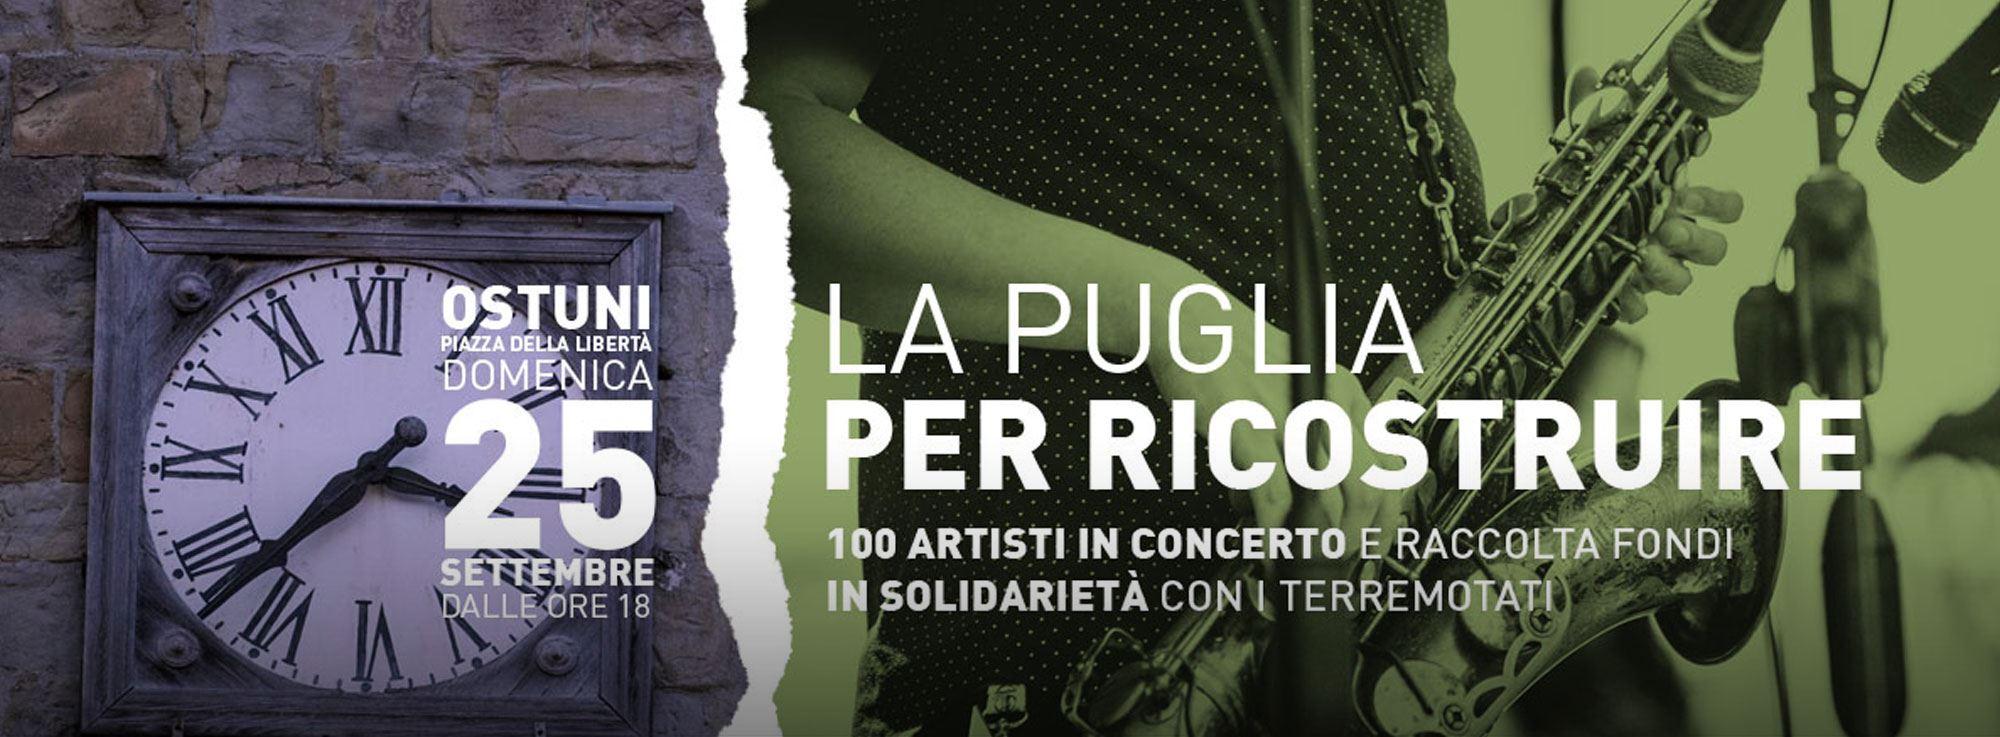 Ostuni: La Puglia per ricostruire! Concerto in piazza